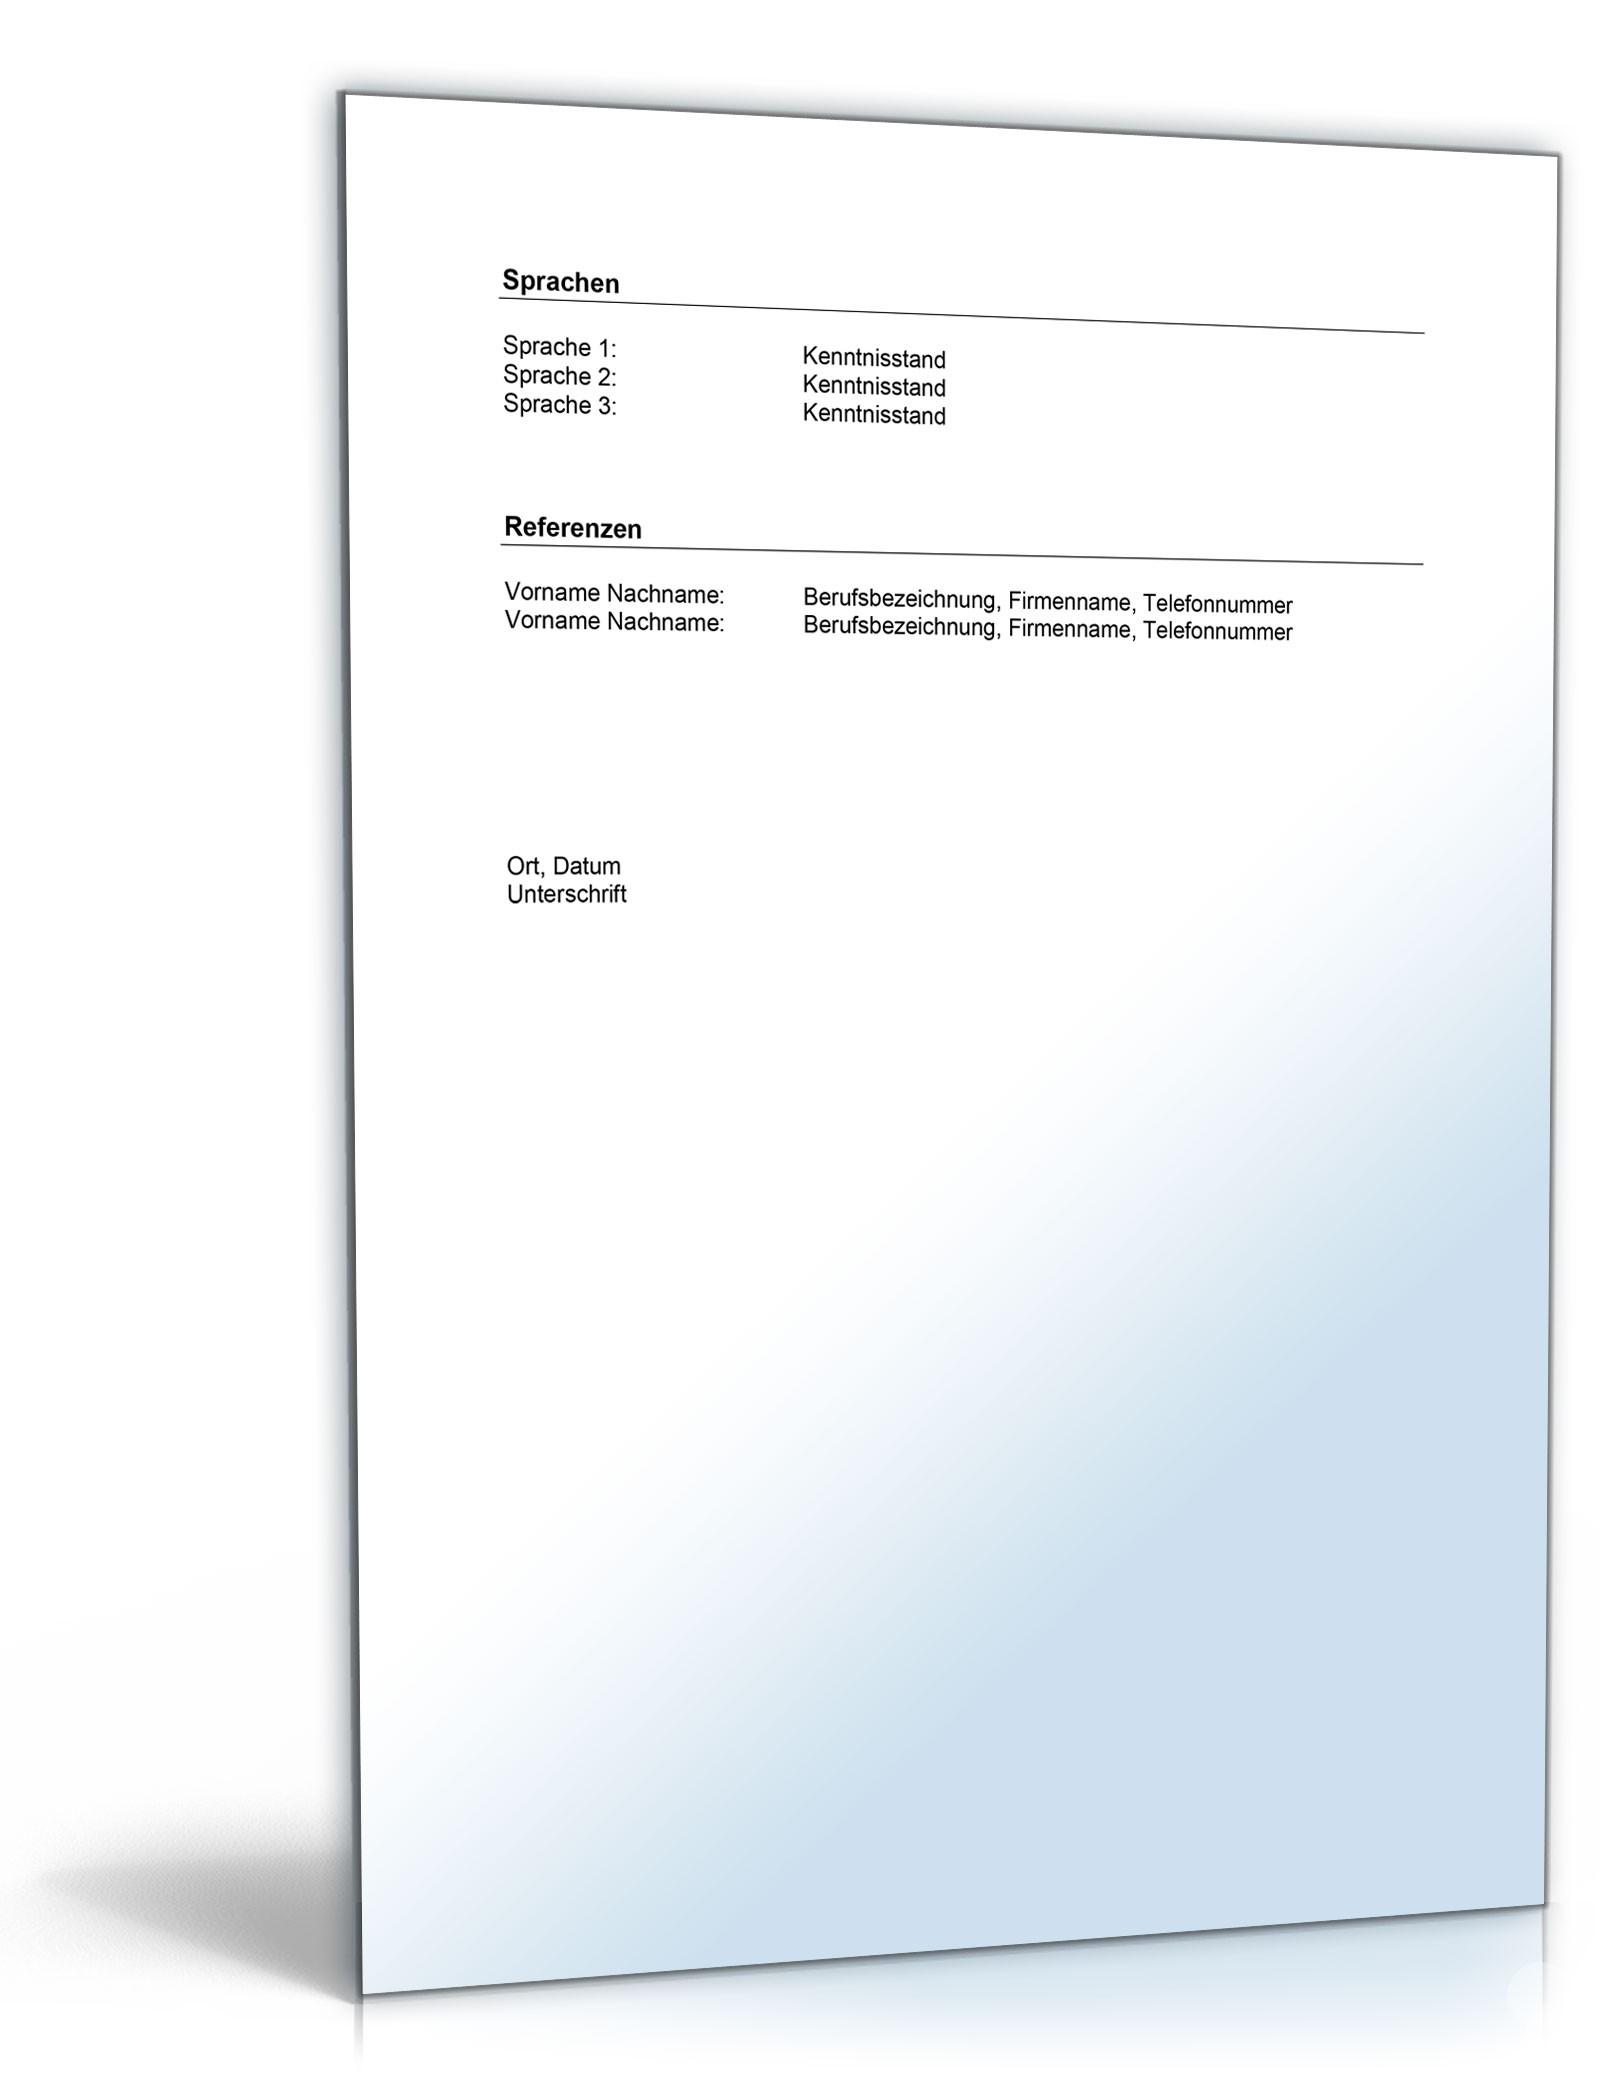 Famous Persönliche Referenz Briefvorlage Pattern - FORTSETZUNG ...